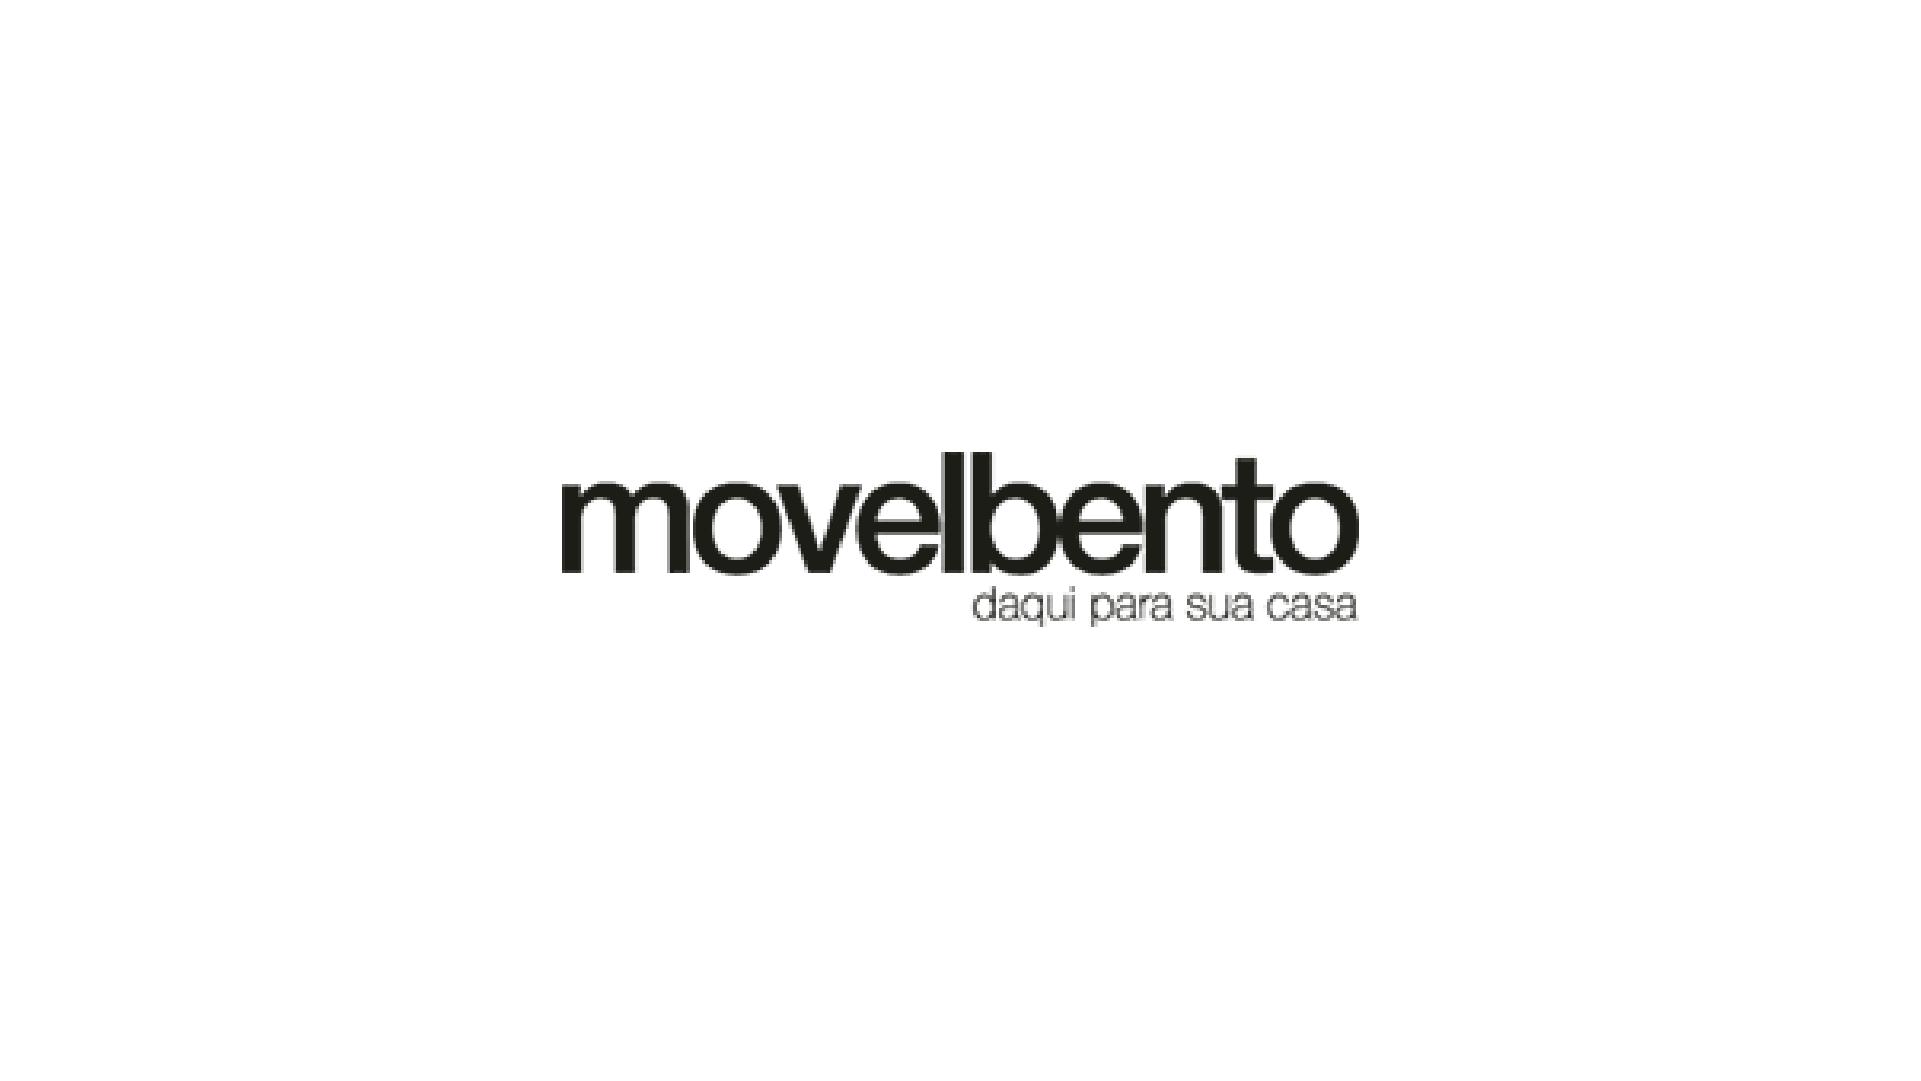 logos_Prancheta 1 cópia 8